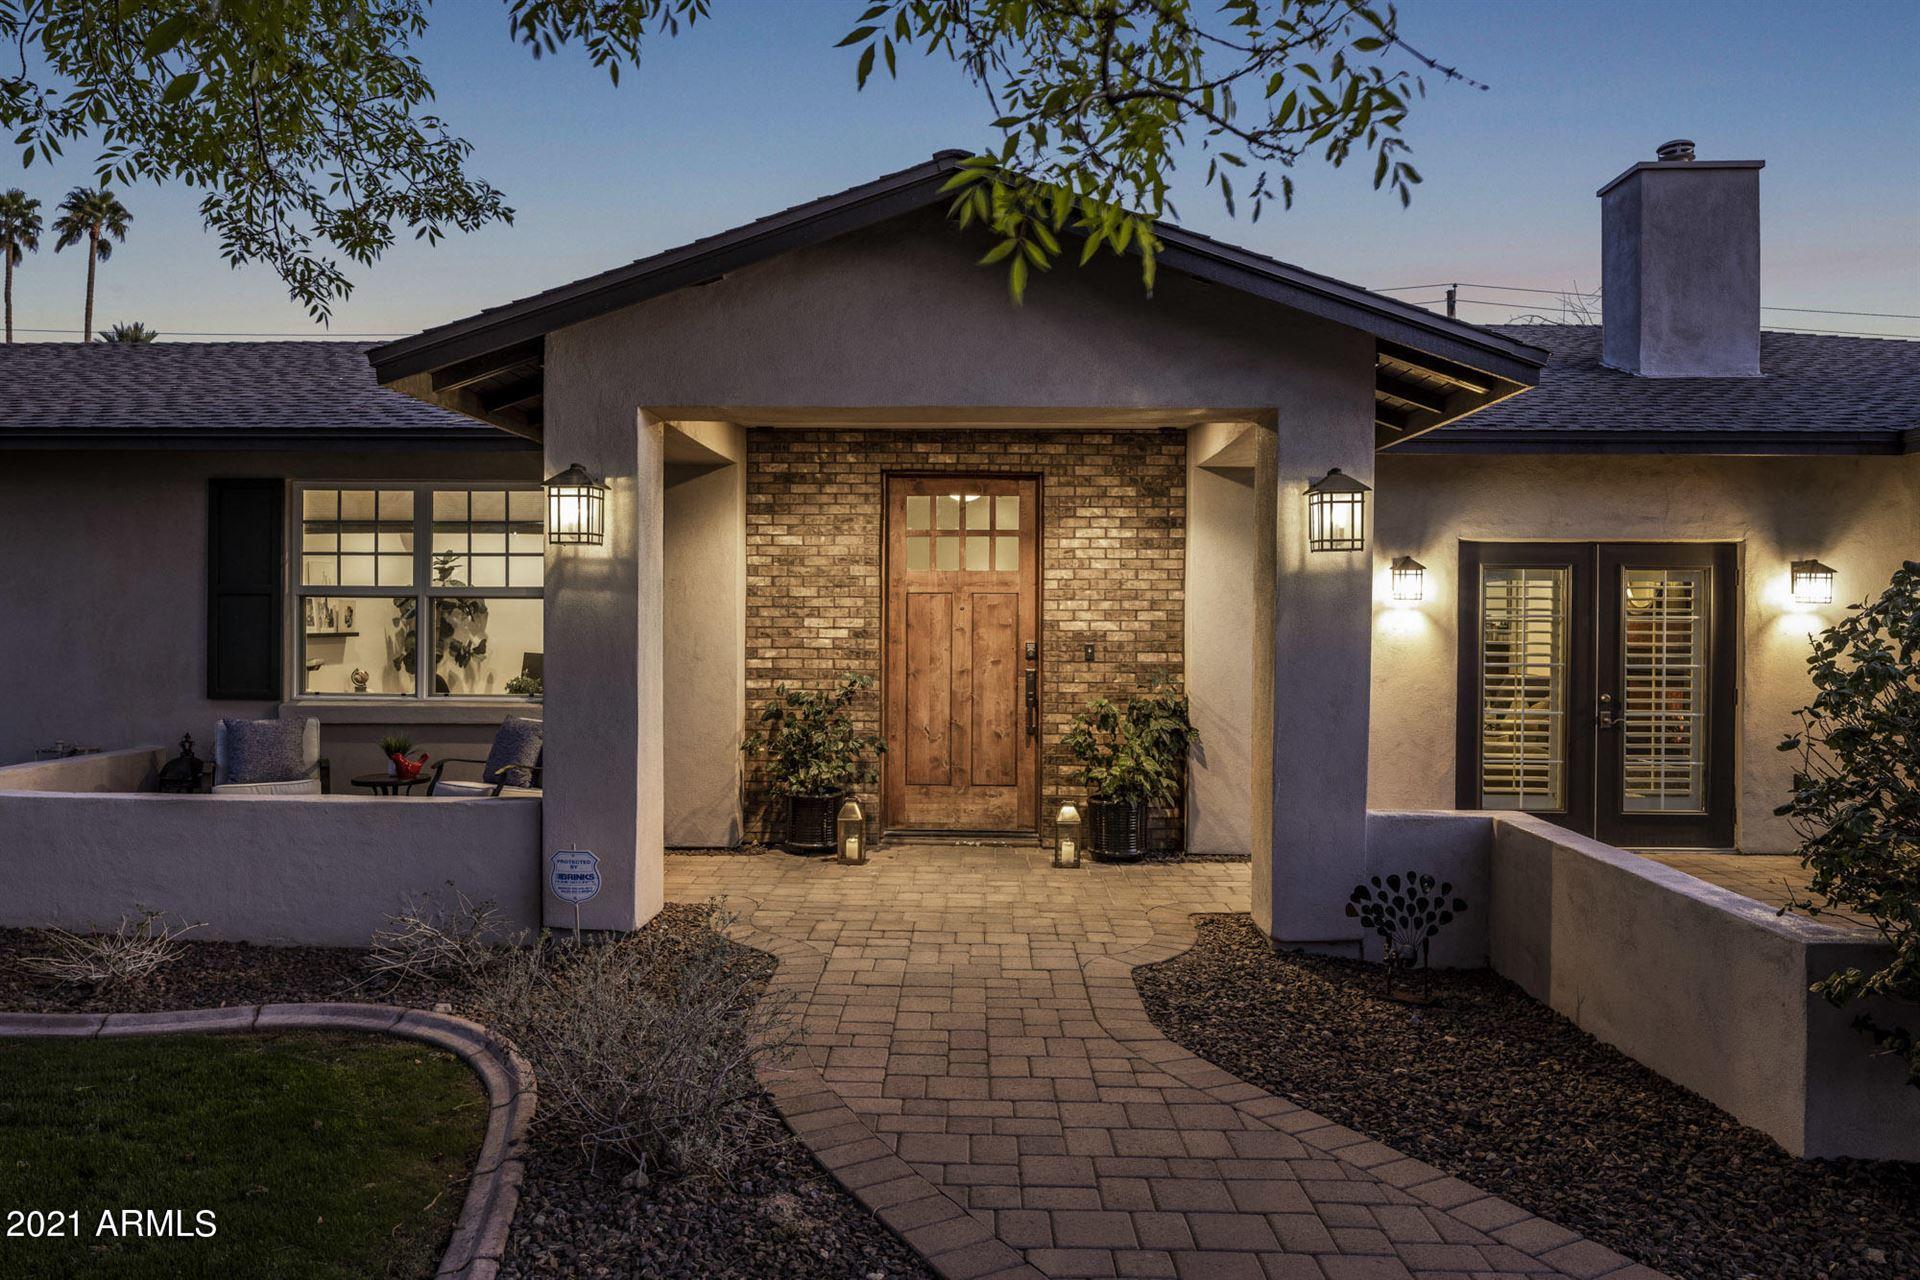 Photo of 3709 E HAZELWOOD Street, Phoenix, AZ 85018 (MLS # 6201024)